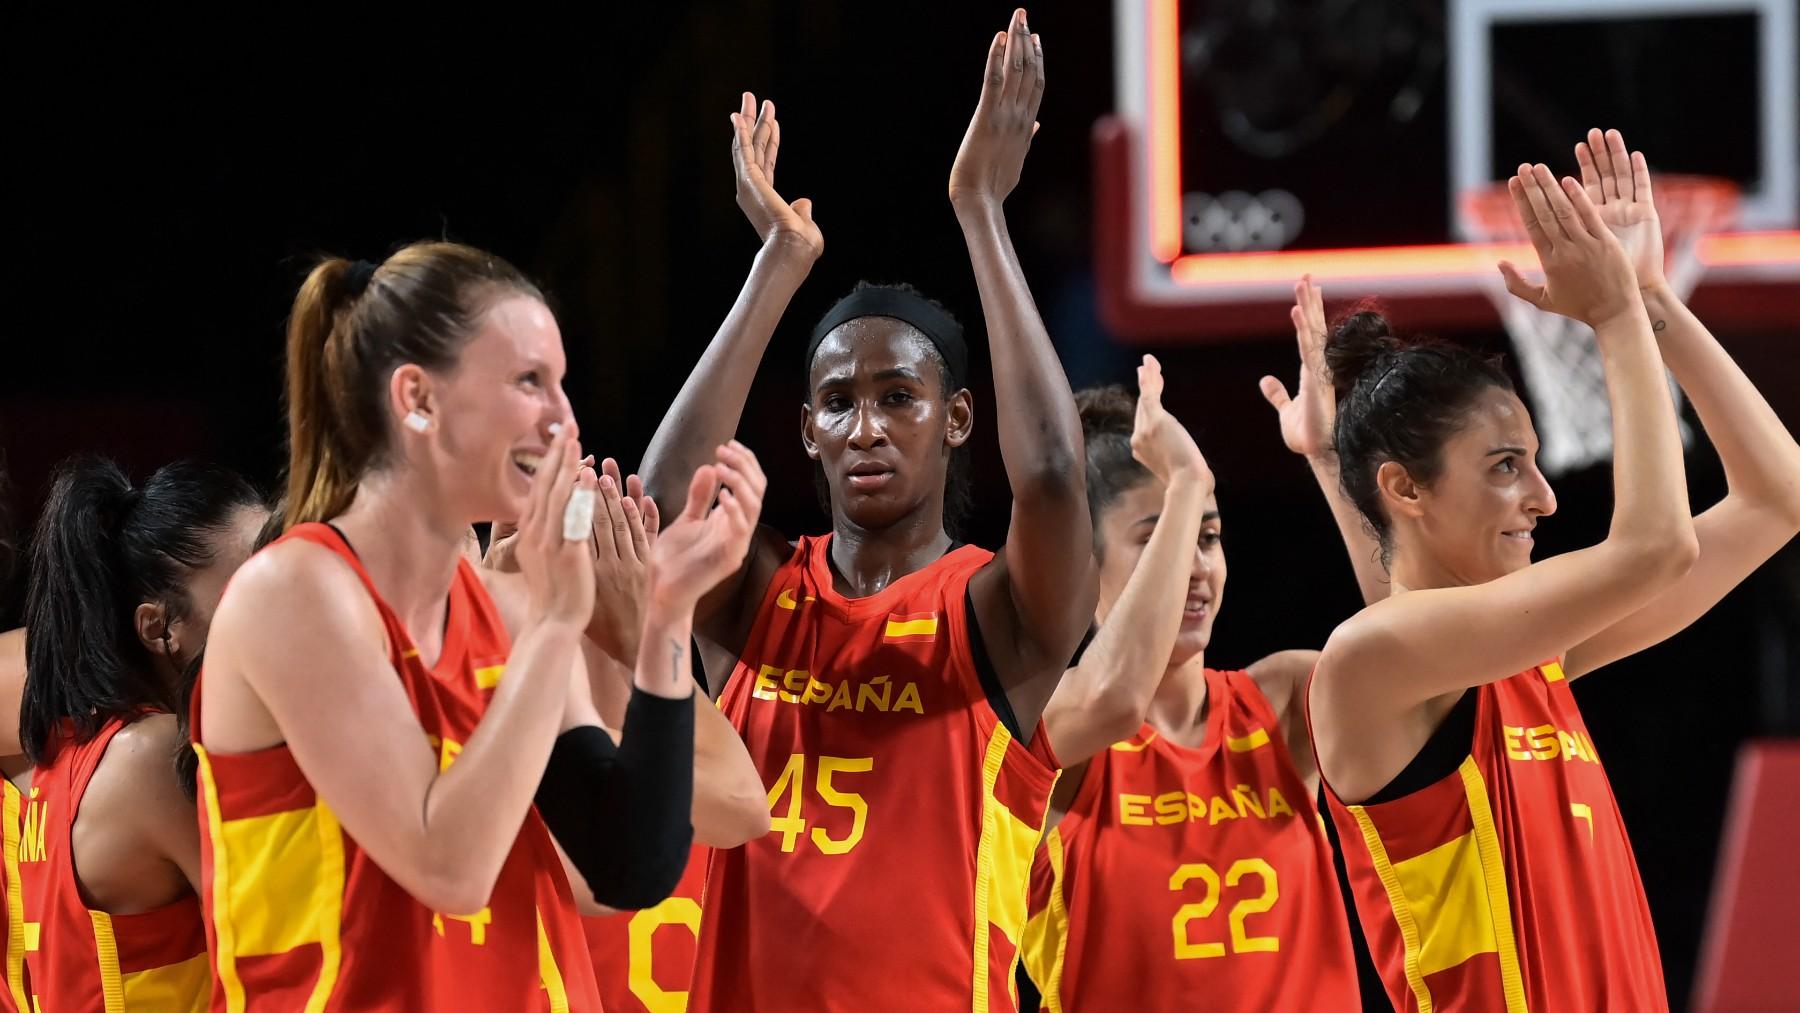 La selección española femenina de baloncesto. (AFP)